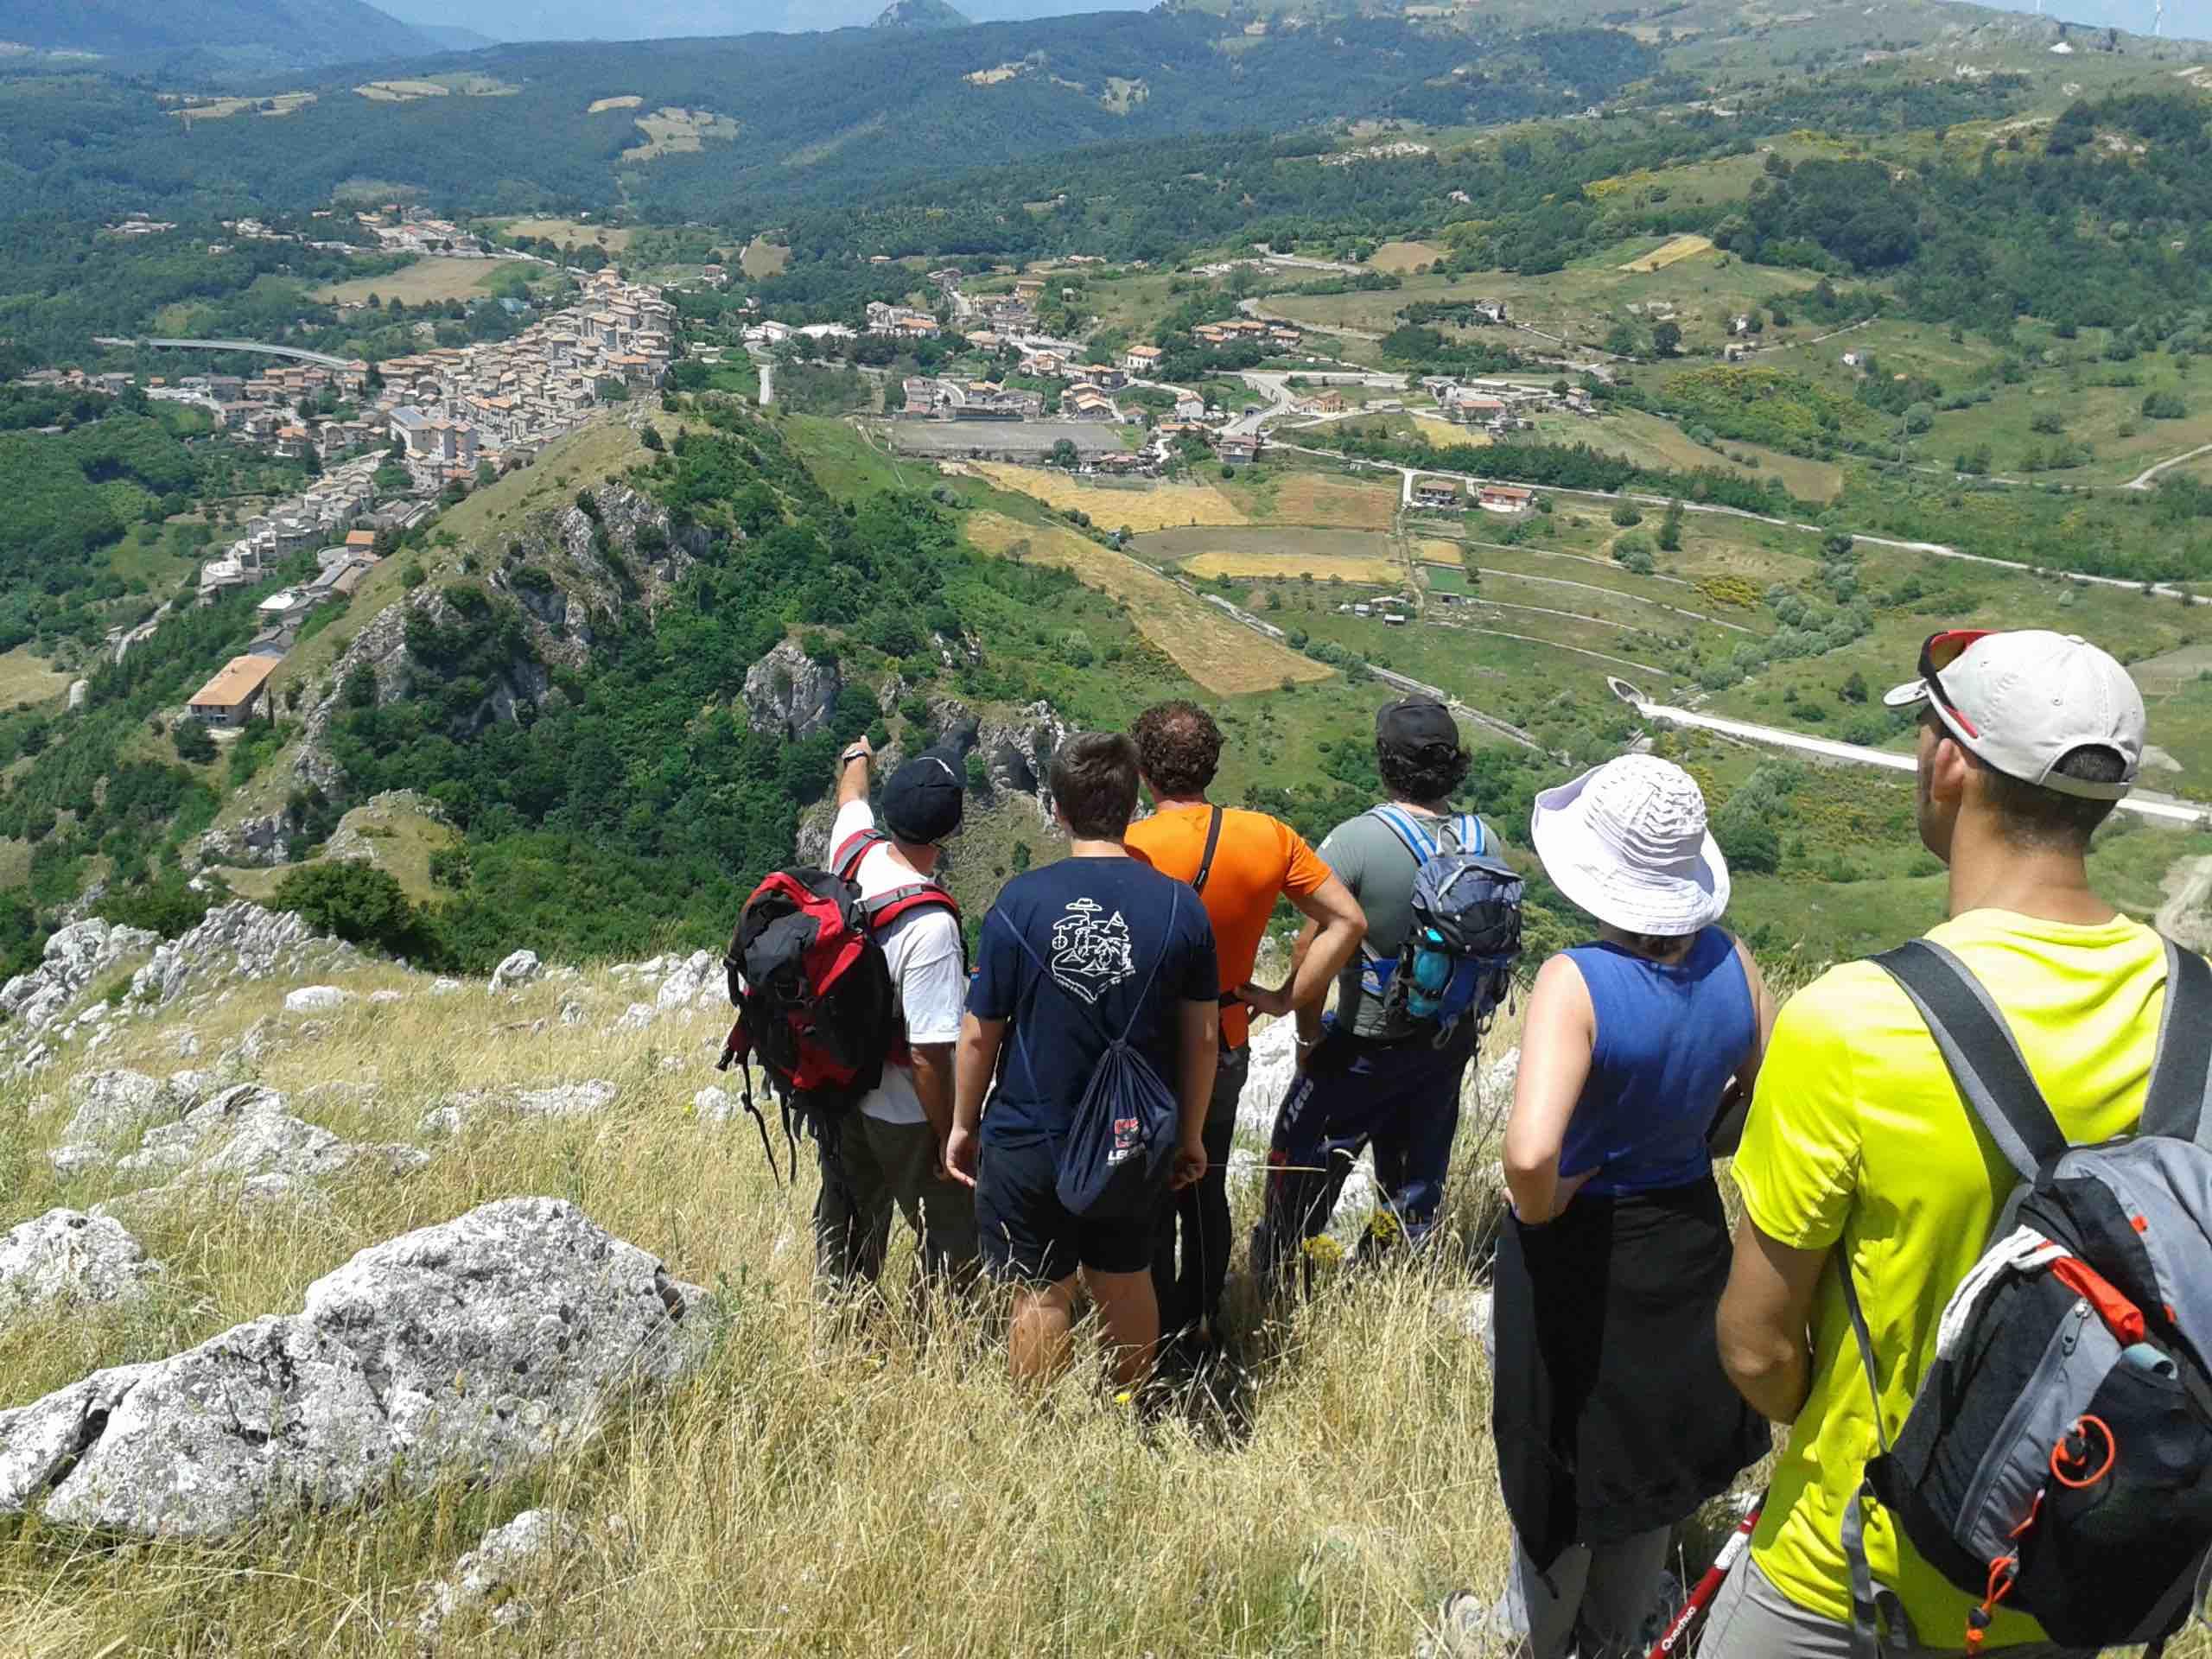 Trekking in Basilicata: in cammino sull'Appennino Lucano con Agata e Gabriele